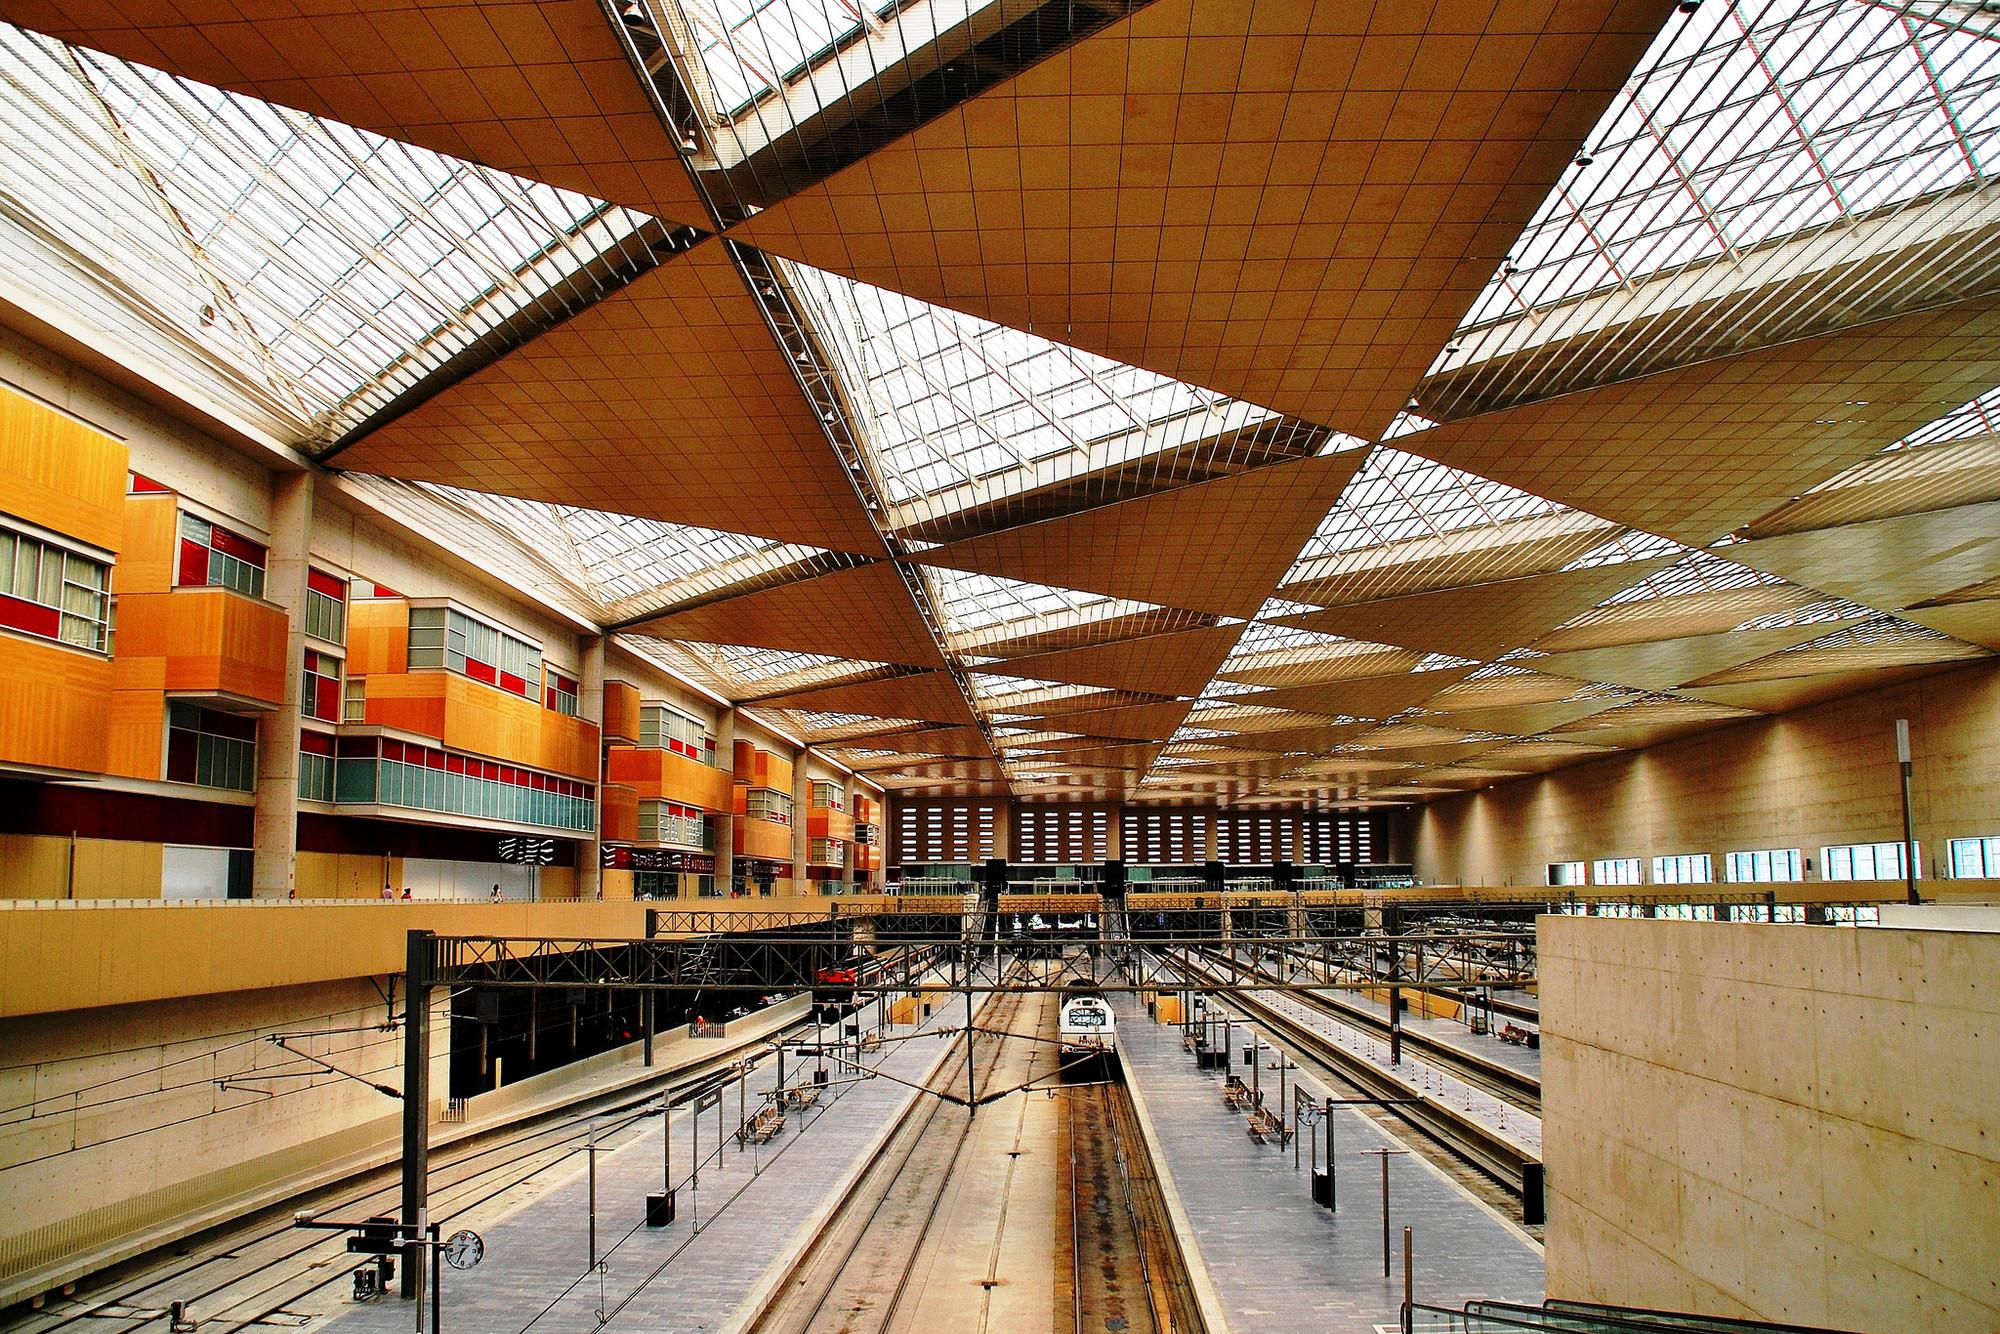 Lo mejor de Flickr en Plataforma Arquitectura / Marzo 2013, © javier1949